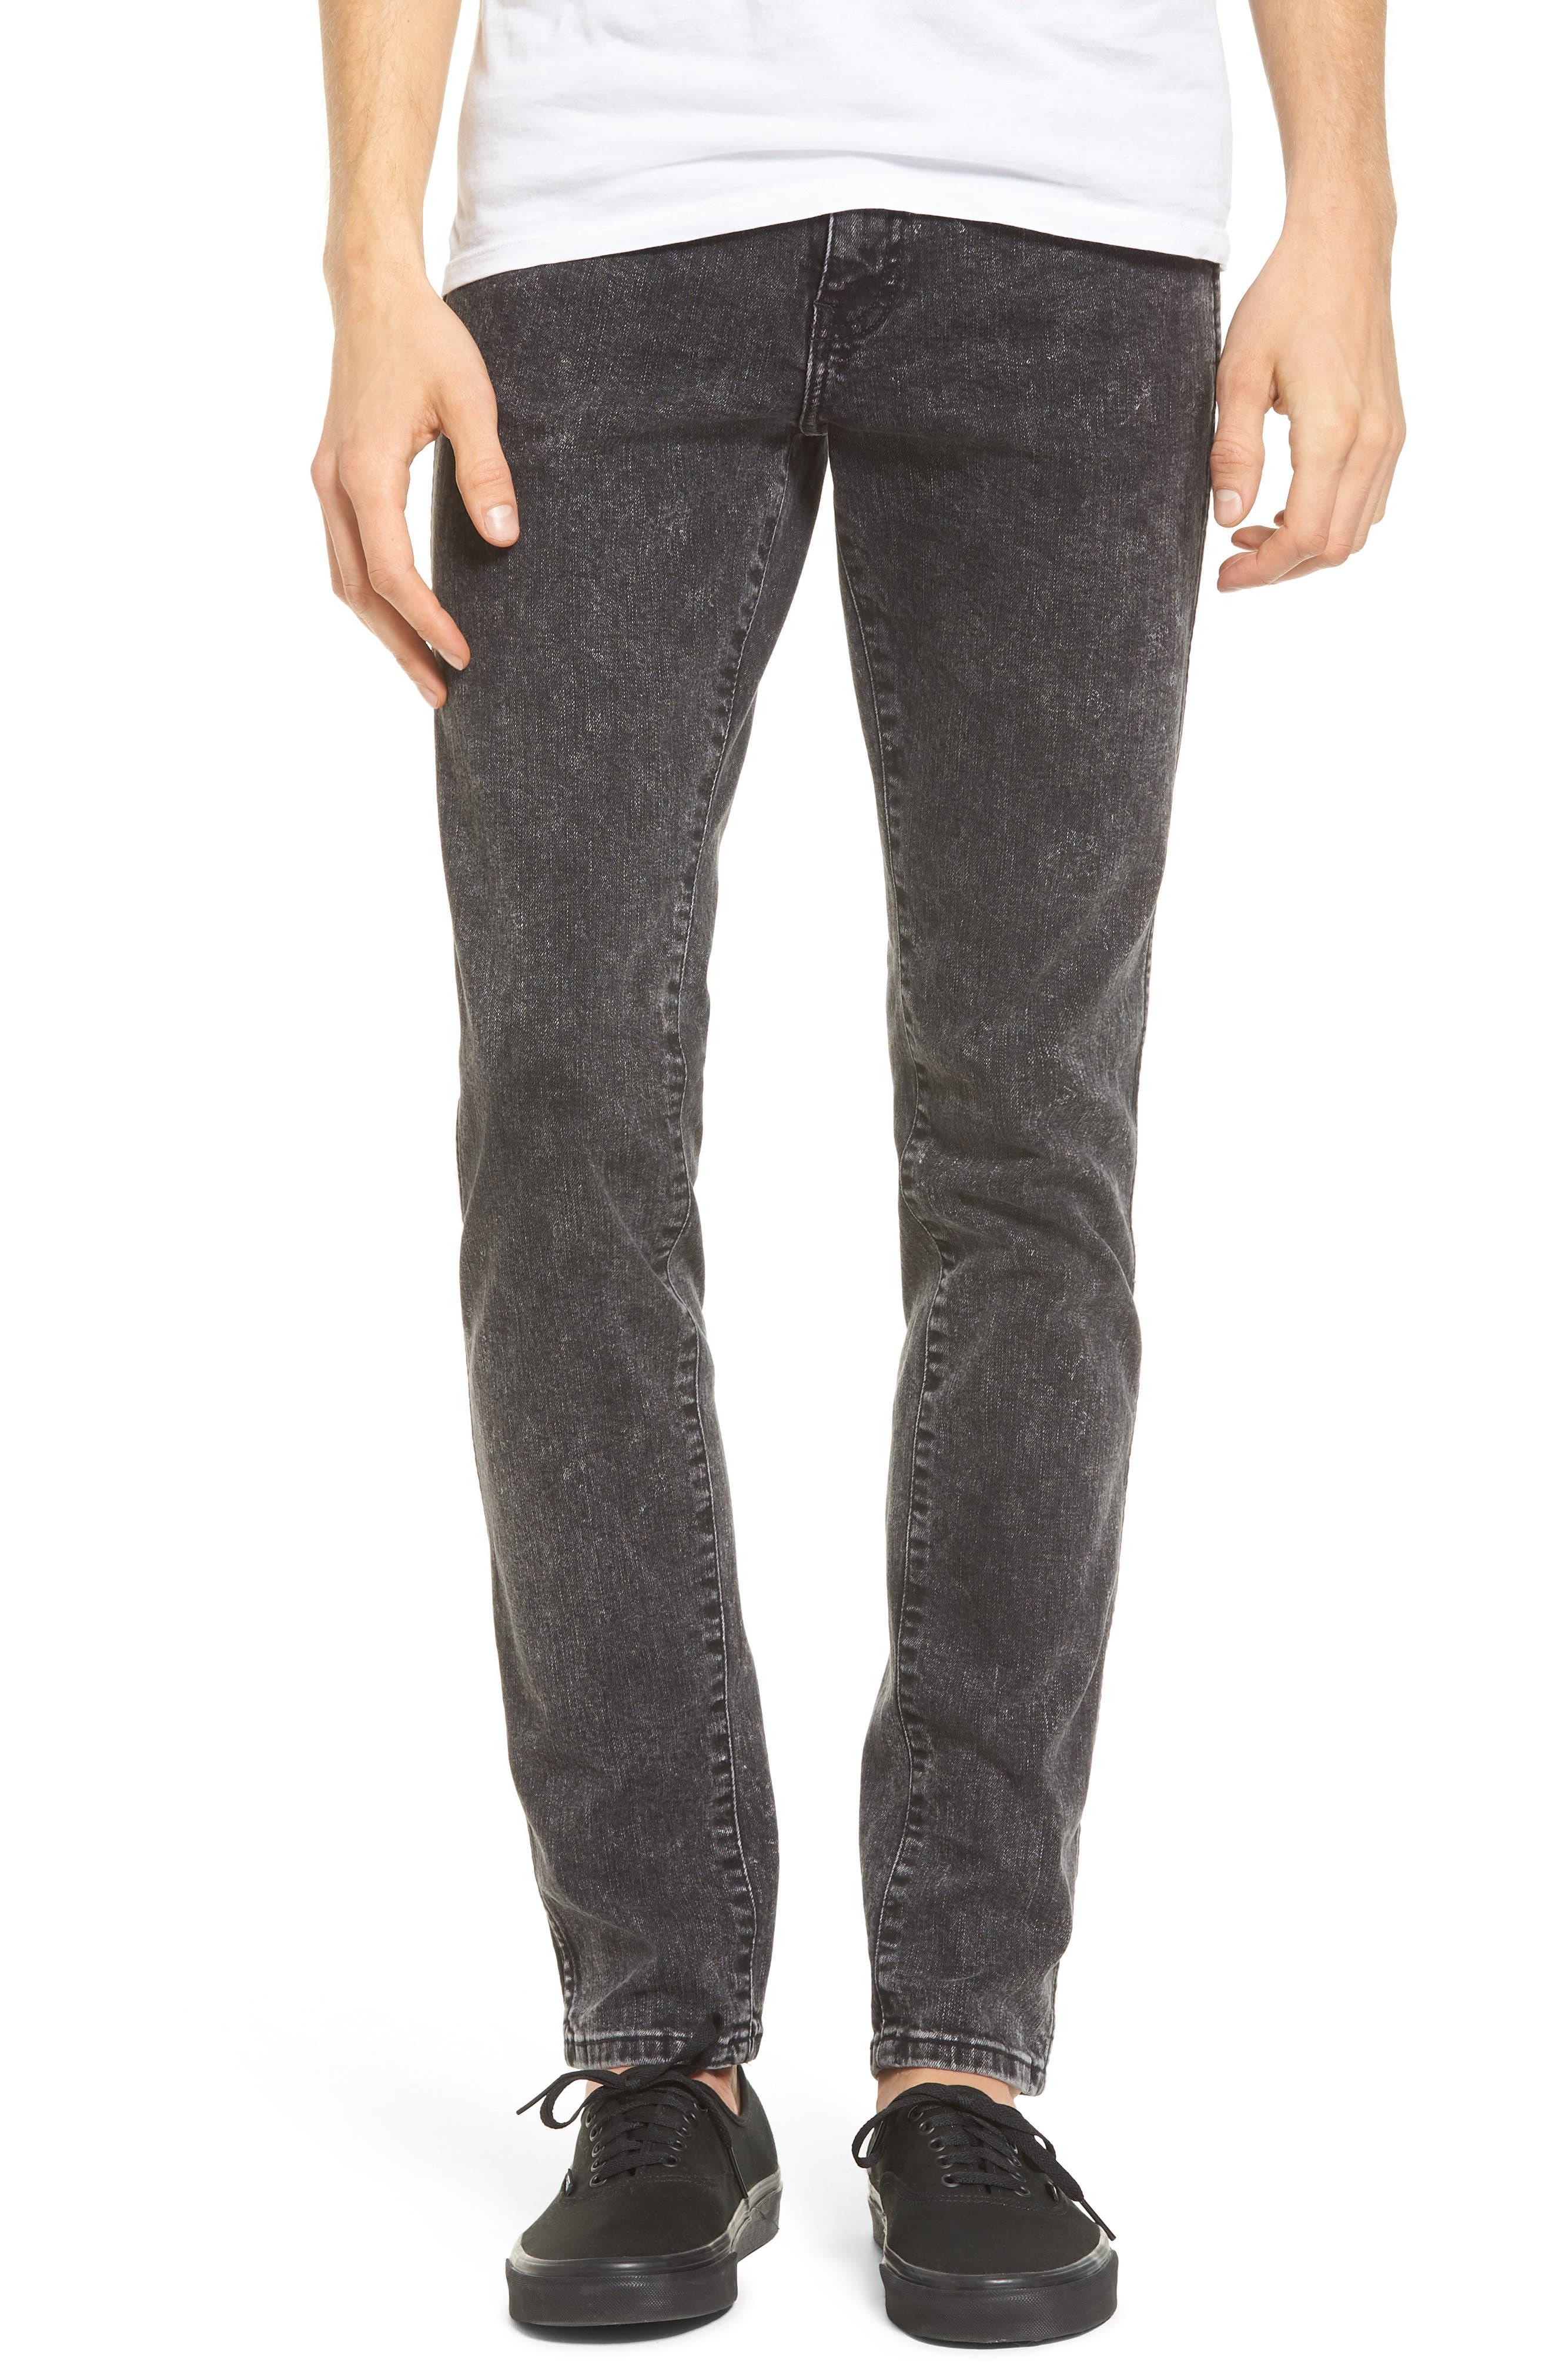 Main Image - Dr. Denim Supply Co. Snap Skinny Fit Jeans (Acid Black)